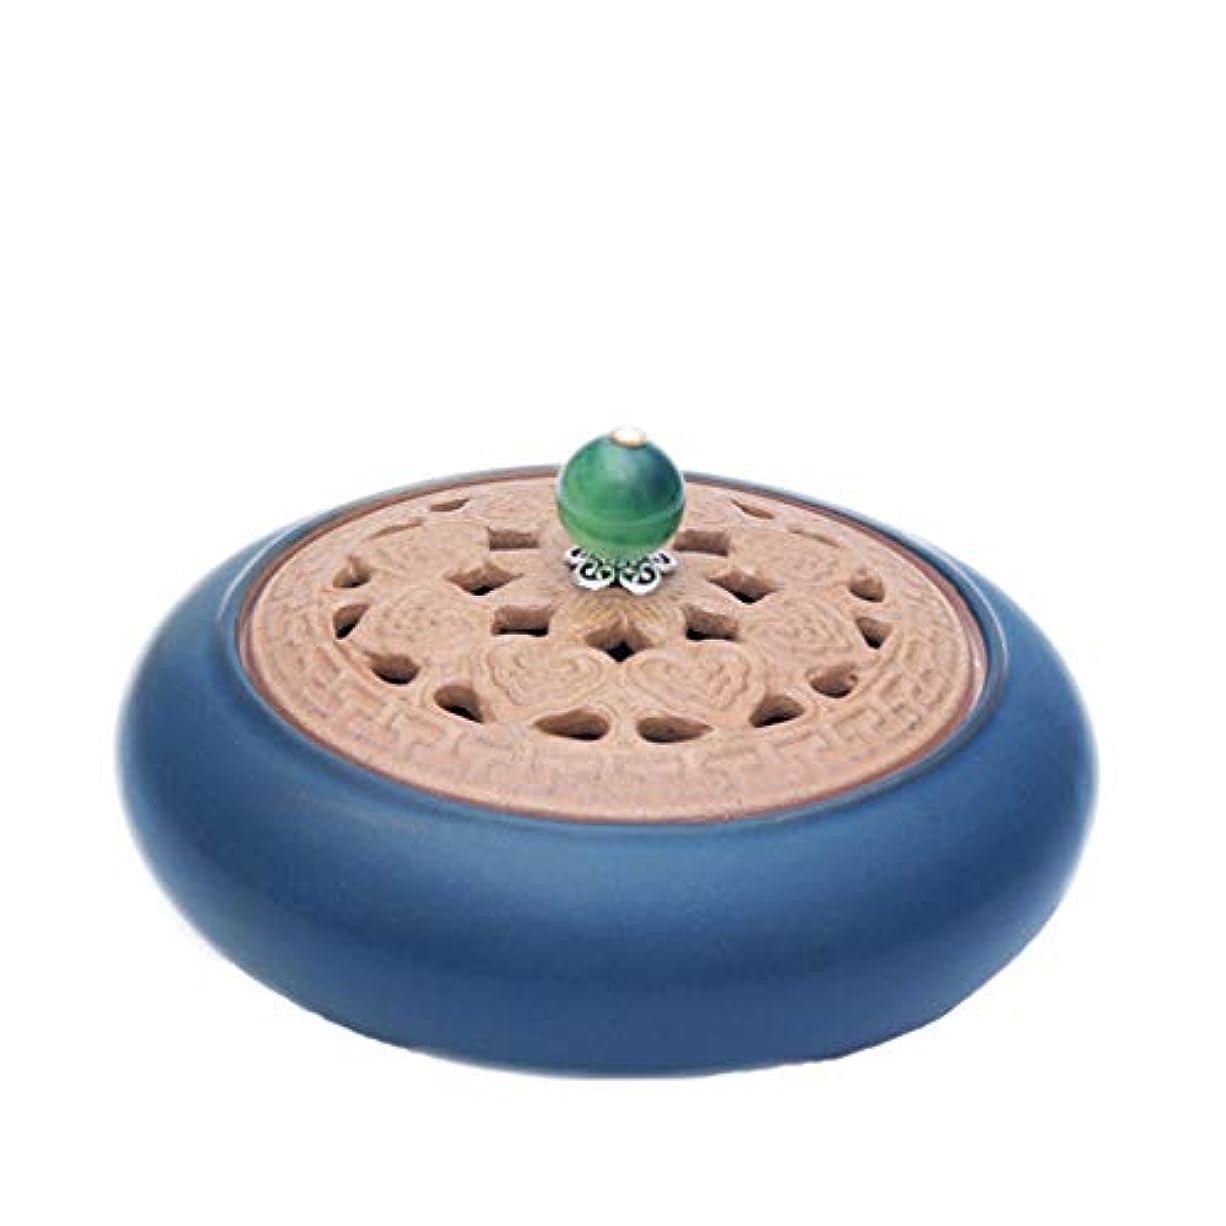 連隊ピンチ信条ホームアロマバーナー アンティークセラミック小さな香バーナーホームインドアガーウッドハース香純粋な銅白檀炉アロマテラピー炉 アロマバーナー (Color : Green)